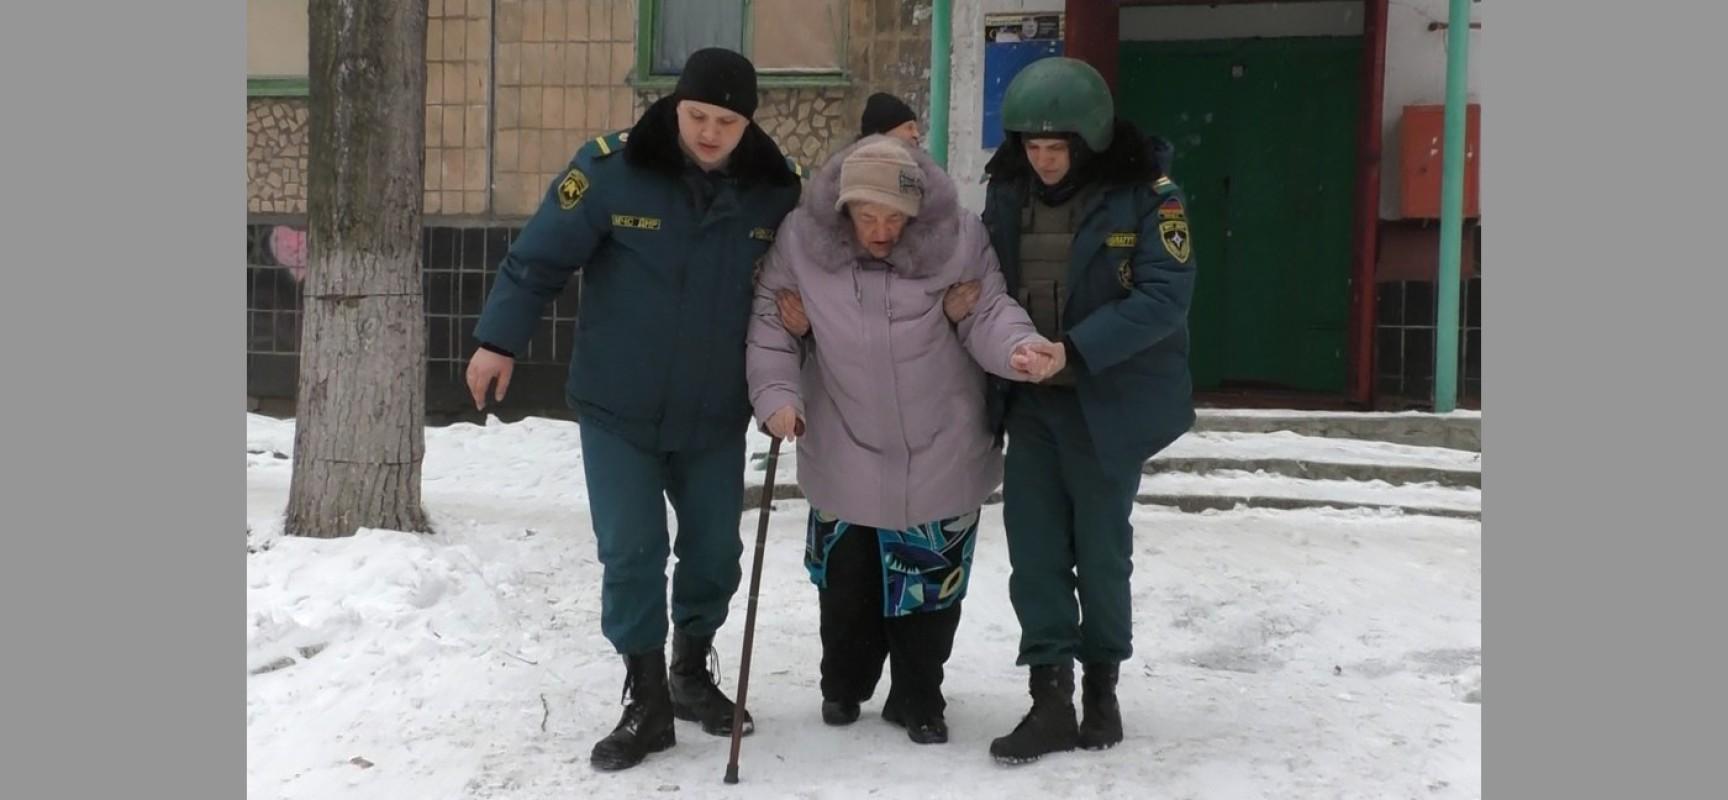 Affrontements en Ukraine : Ce qui est caché par les médias et les partis politiques pro-européens - Page 16 Evacuation-1728x800_c